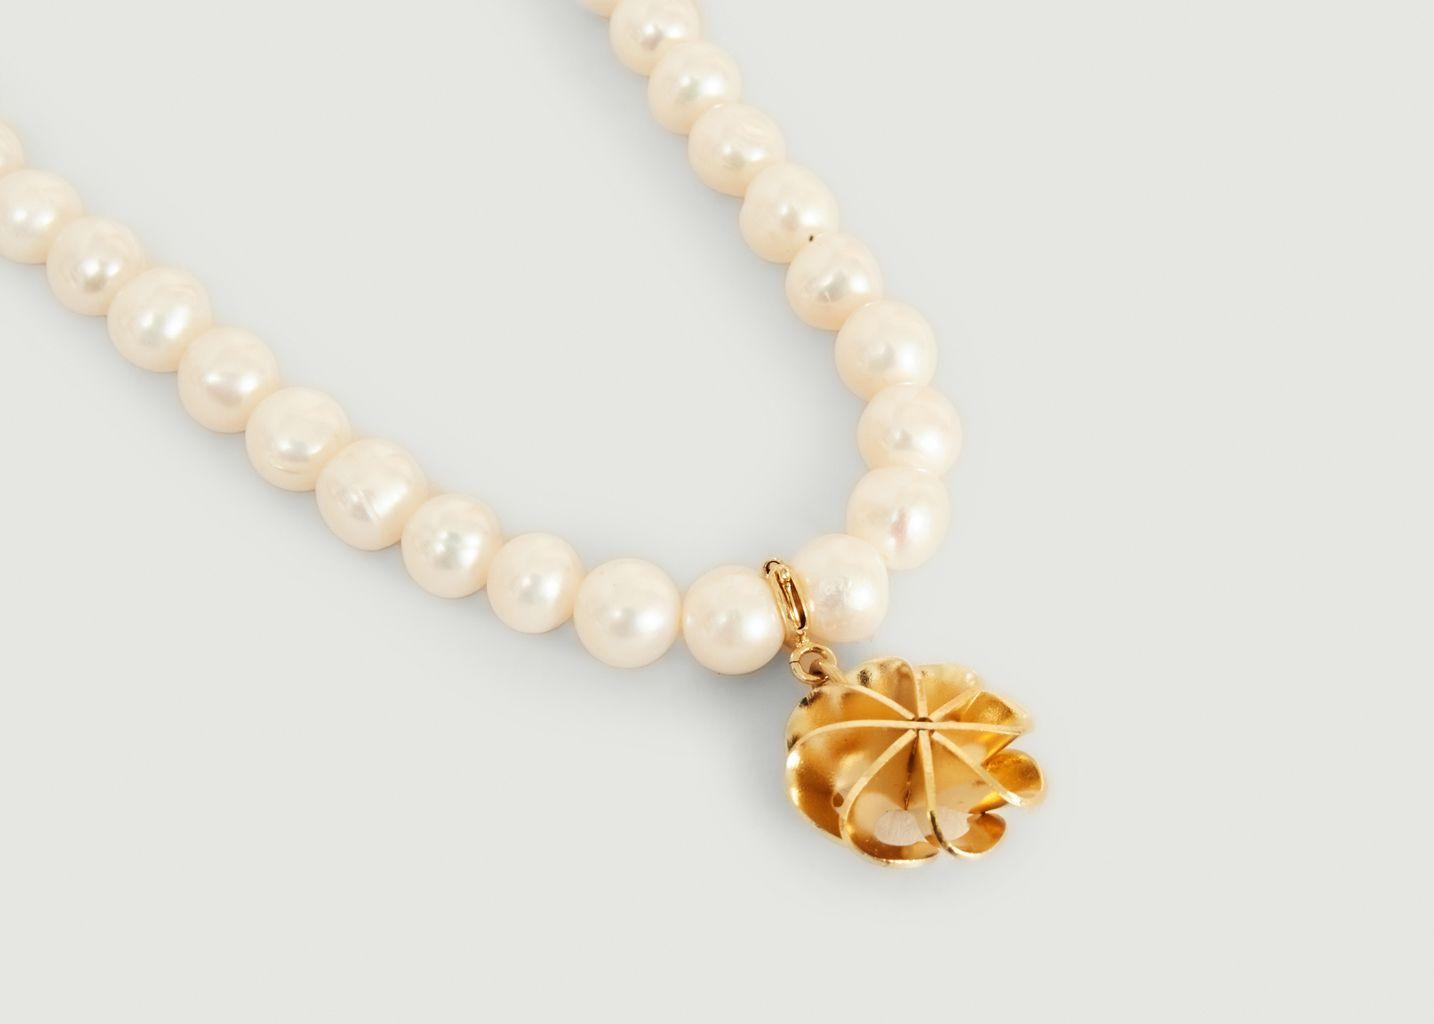 Collier perles de culture et charms Vérone - Medecine Douce